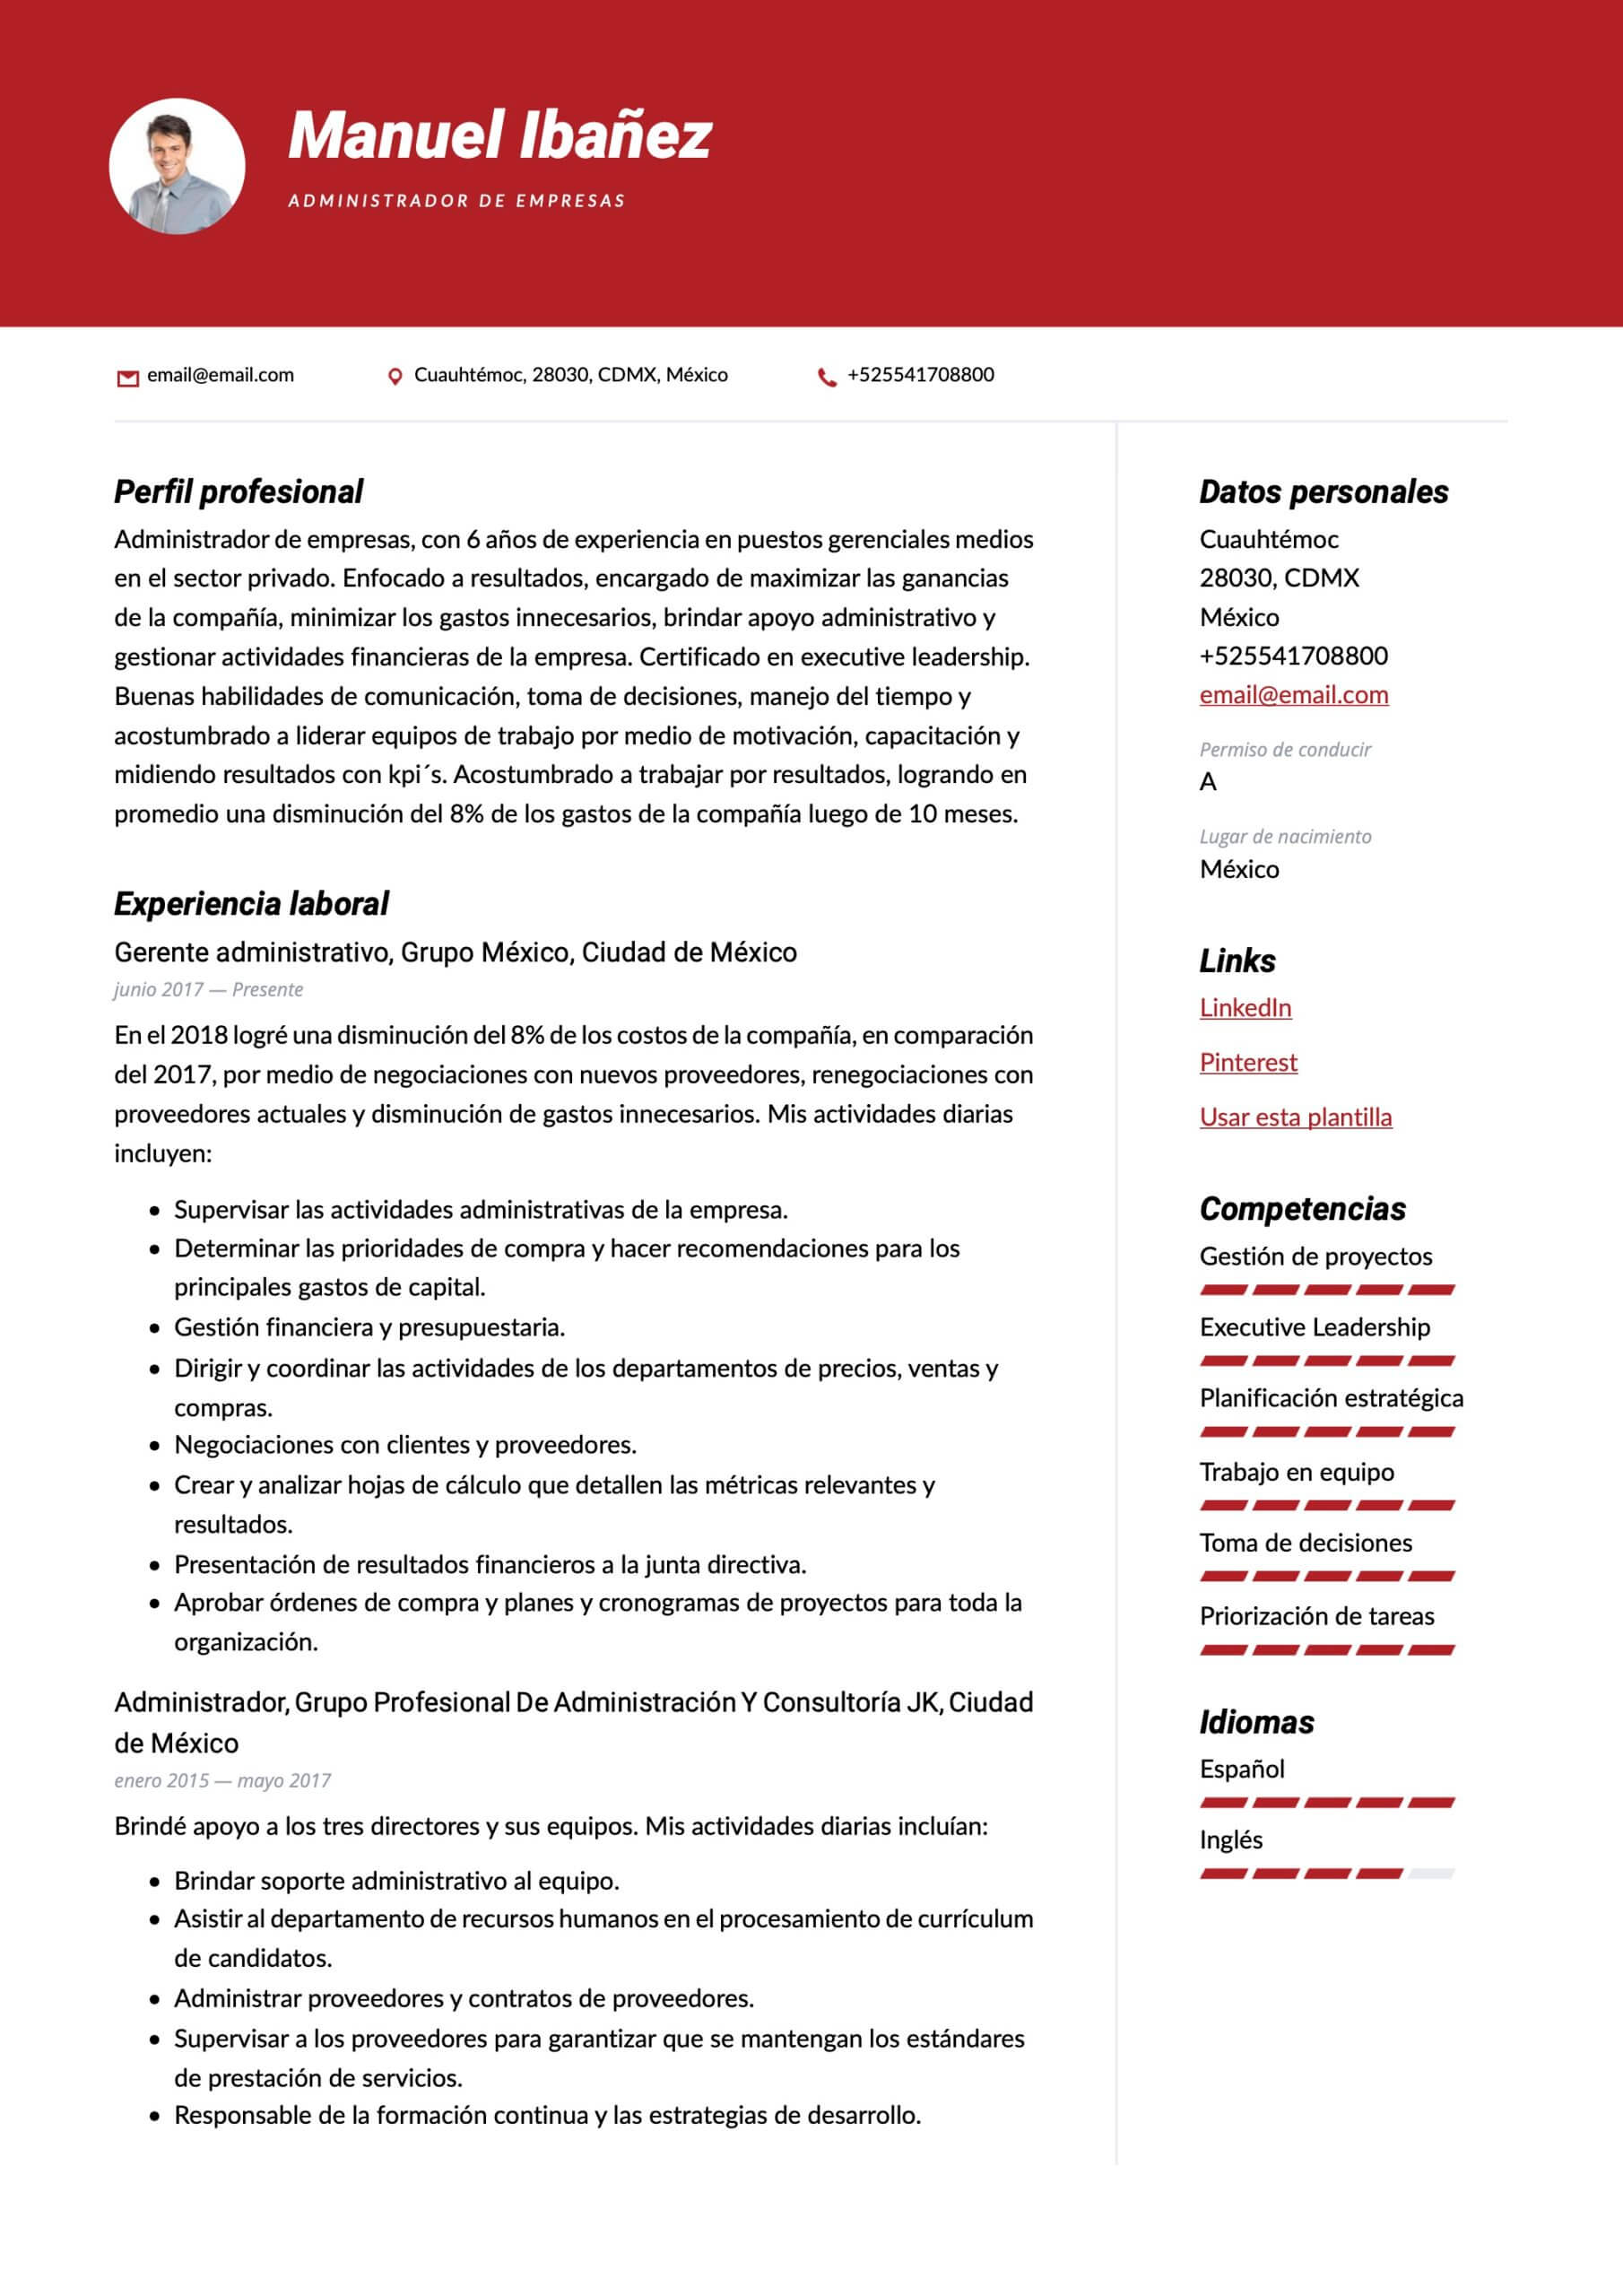 Modelo de CV para Administrador de empresas